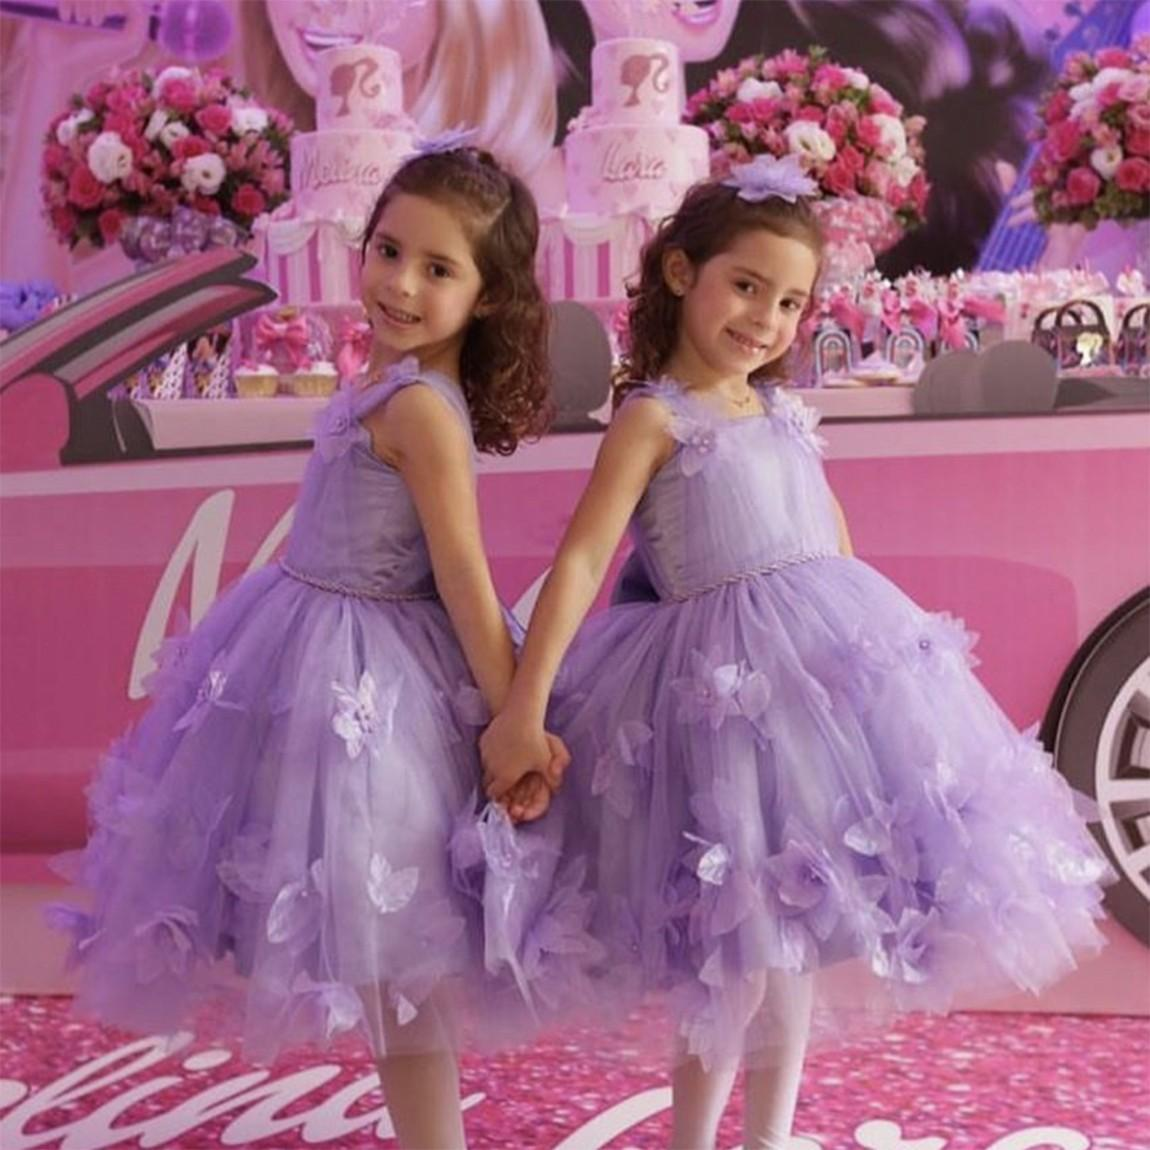 2021 Vintage Çiçek Kız Elbise Düğün için Lila Kızın Pageant Prenses Tül Tutu El Yapımı Çiçekler Çocuklar İlk Communion Parti Abiye